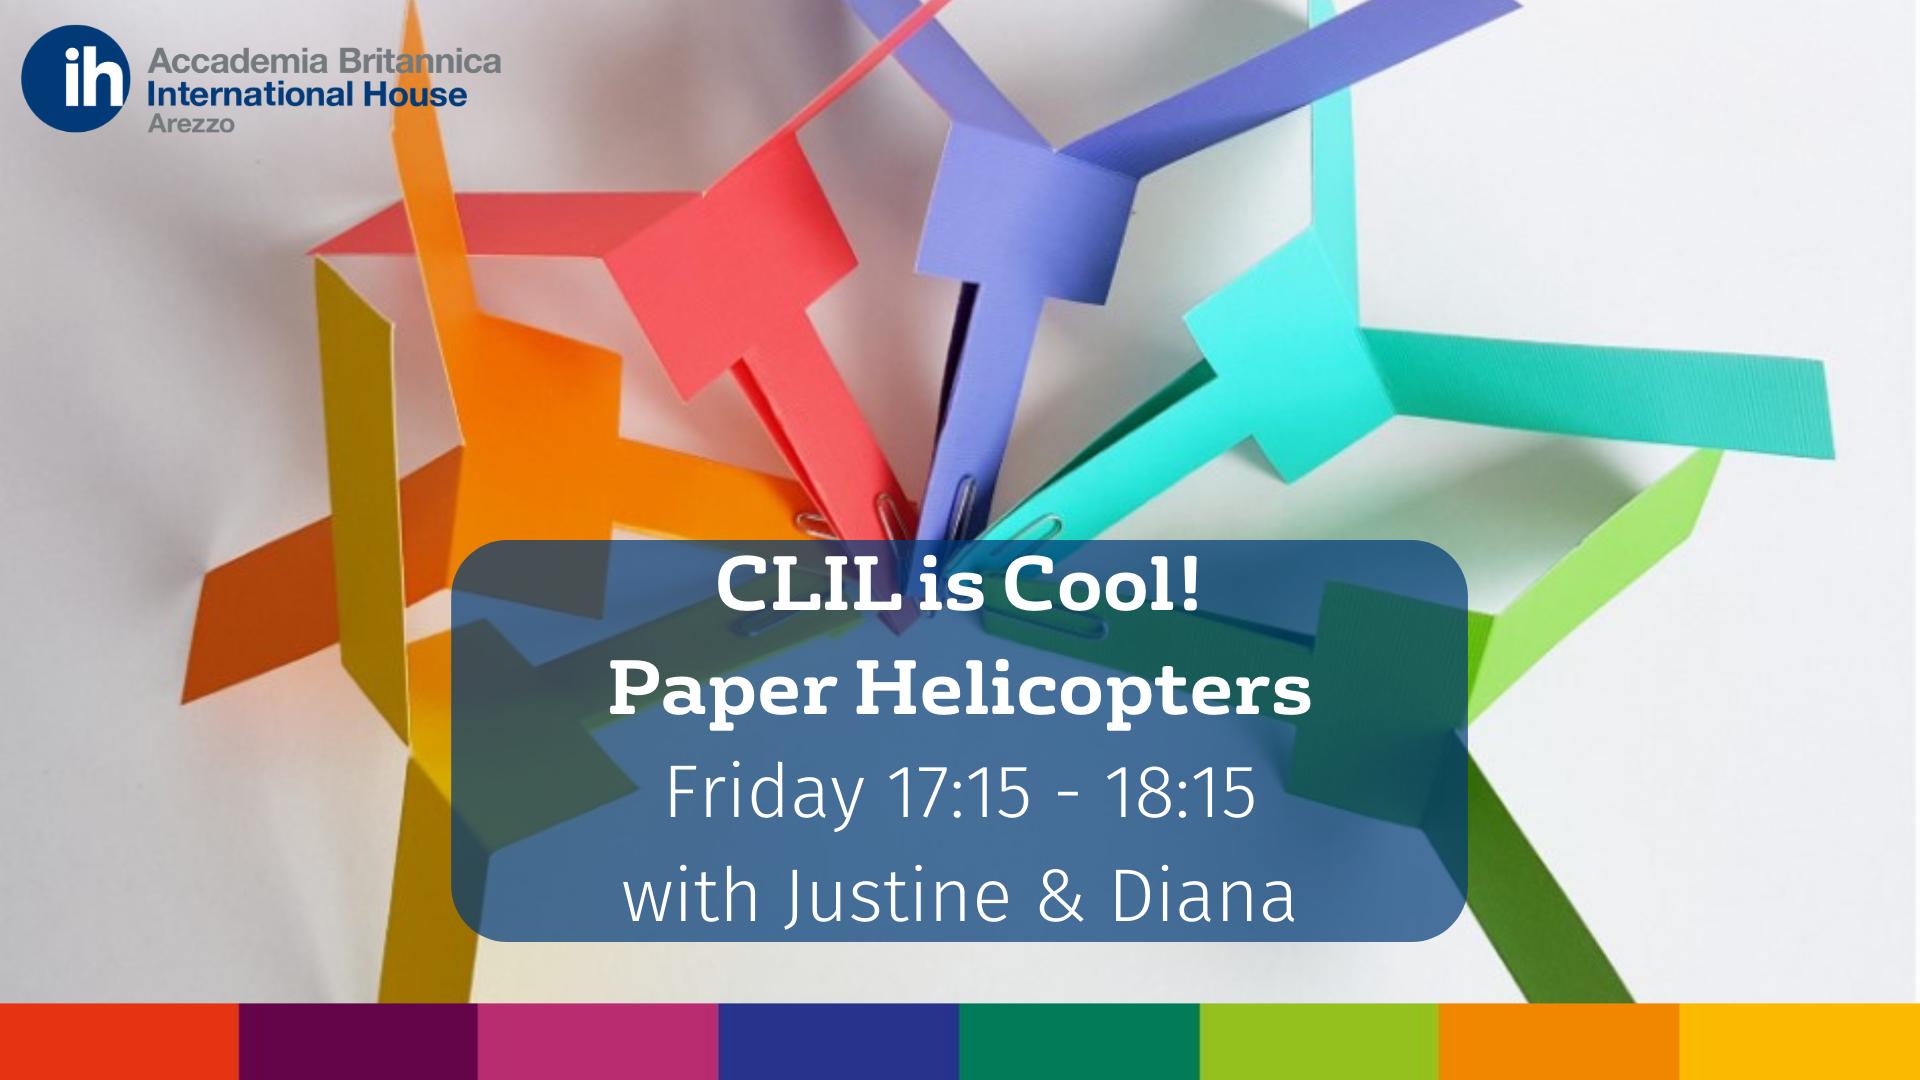 CLIL is Cool! 6.11.20 | Accademia Britannica IH Arezzo